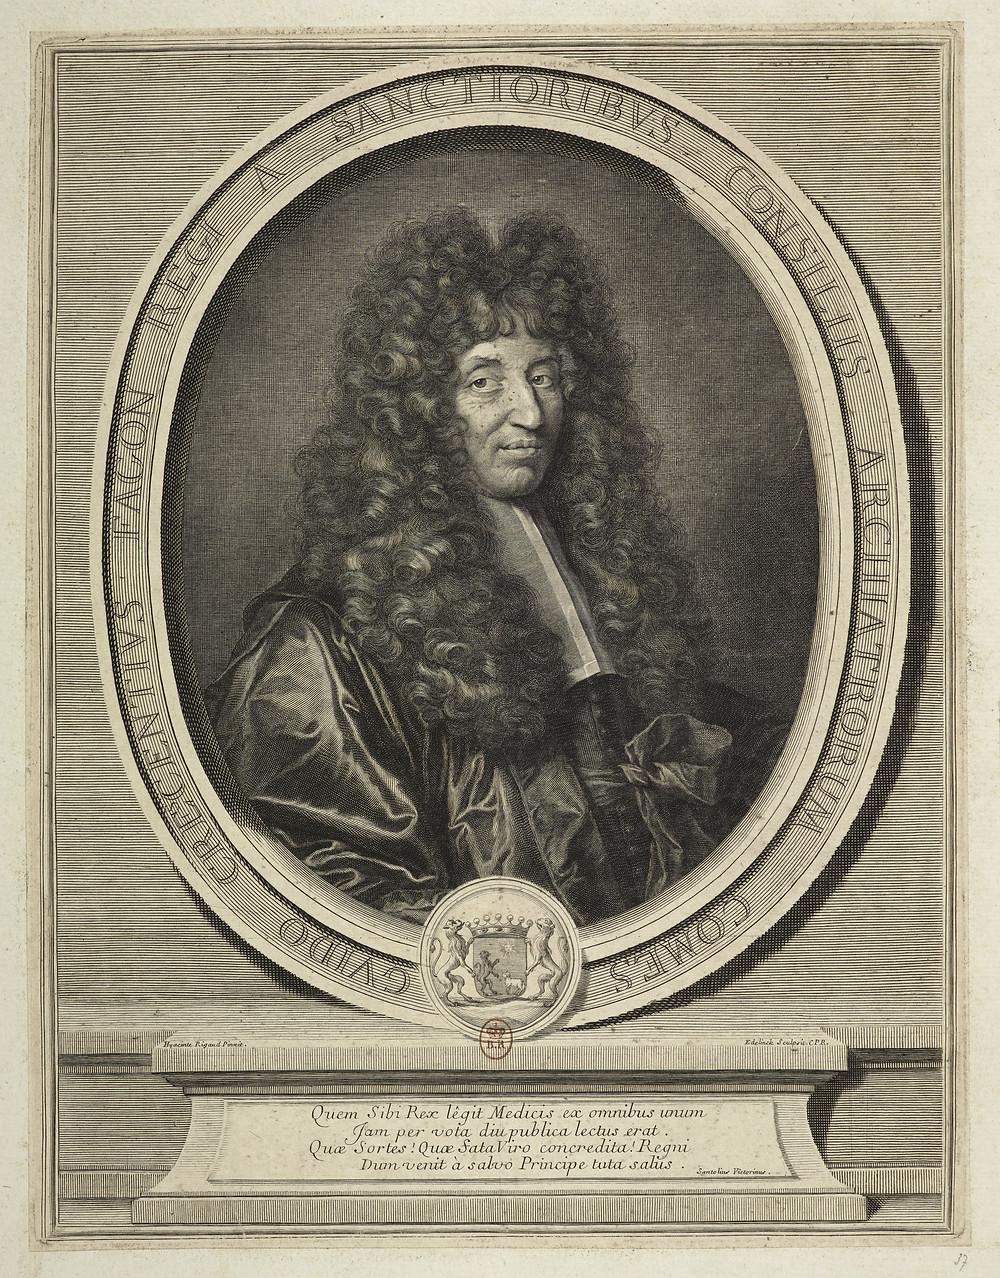 Gérard Edelinck d'après Hyacinthe Rigaud, Portrait de Guy Crescent Fagon, 1695, burin, H. 33,1 x L. 25,3 cm, Paris, BnF, département des Estampes et de la photographie, Da. 64 p. 47 [22]